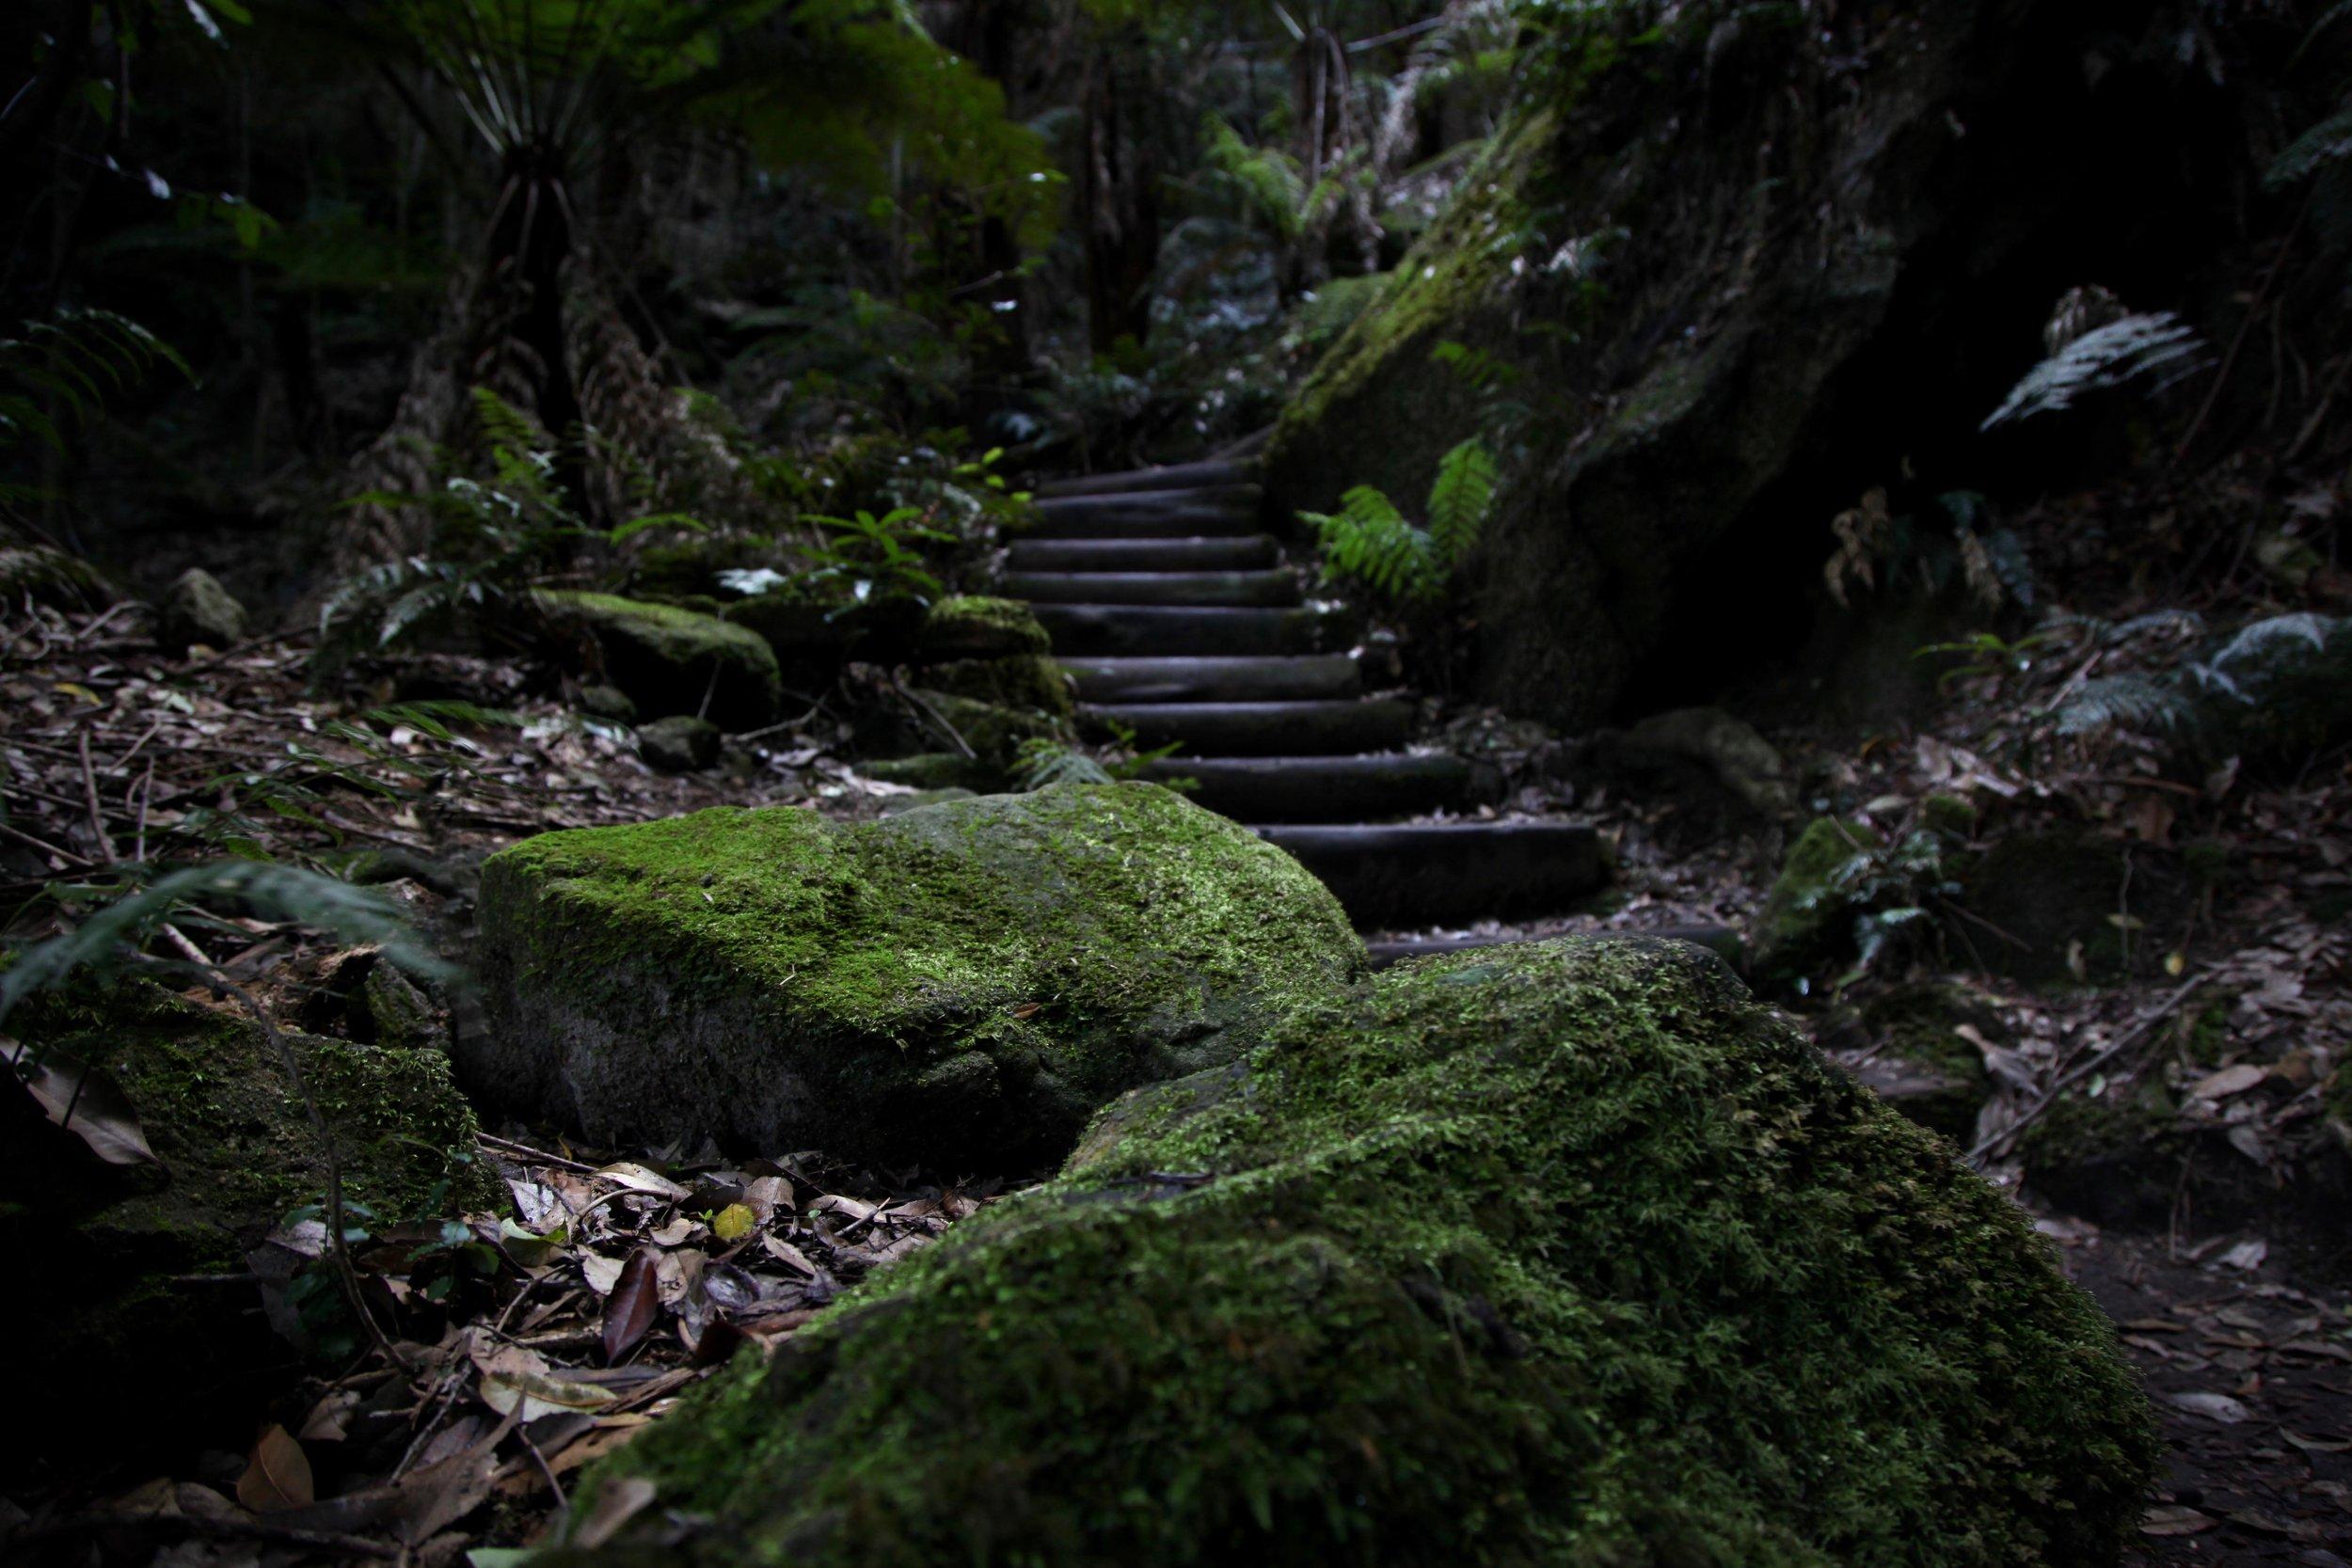 leura-forest-jamison-valley.jpg